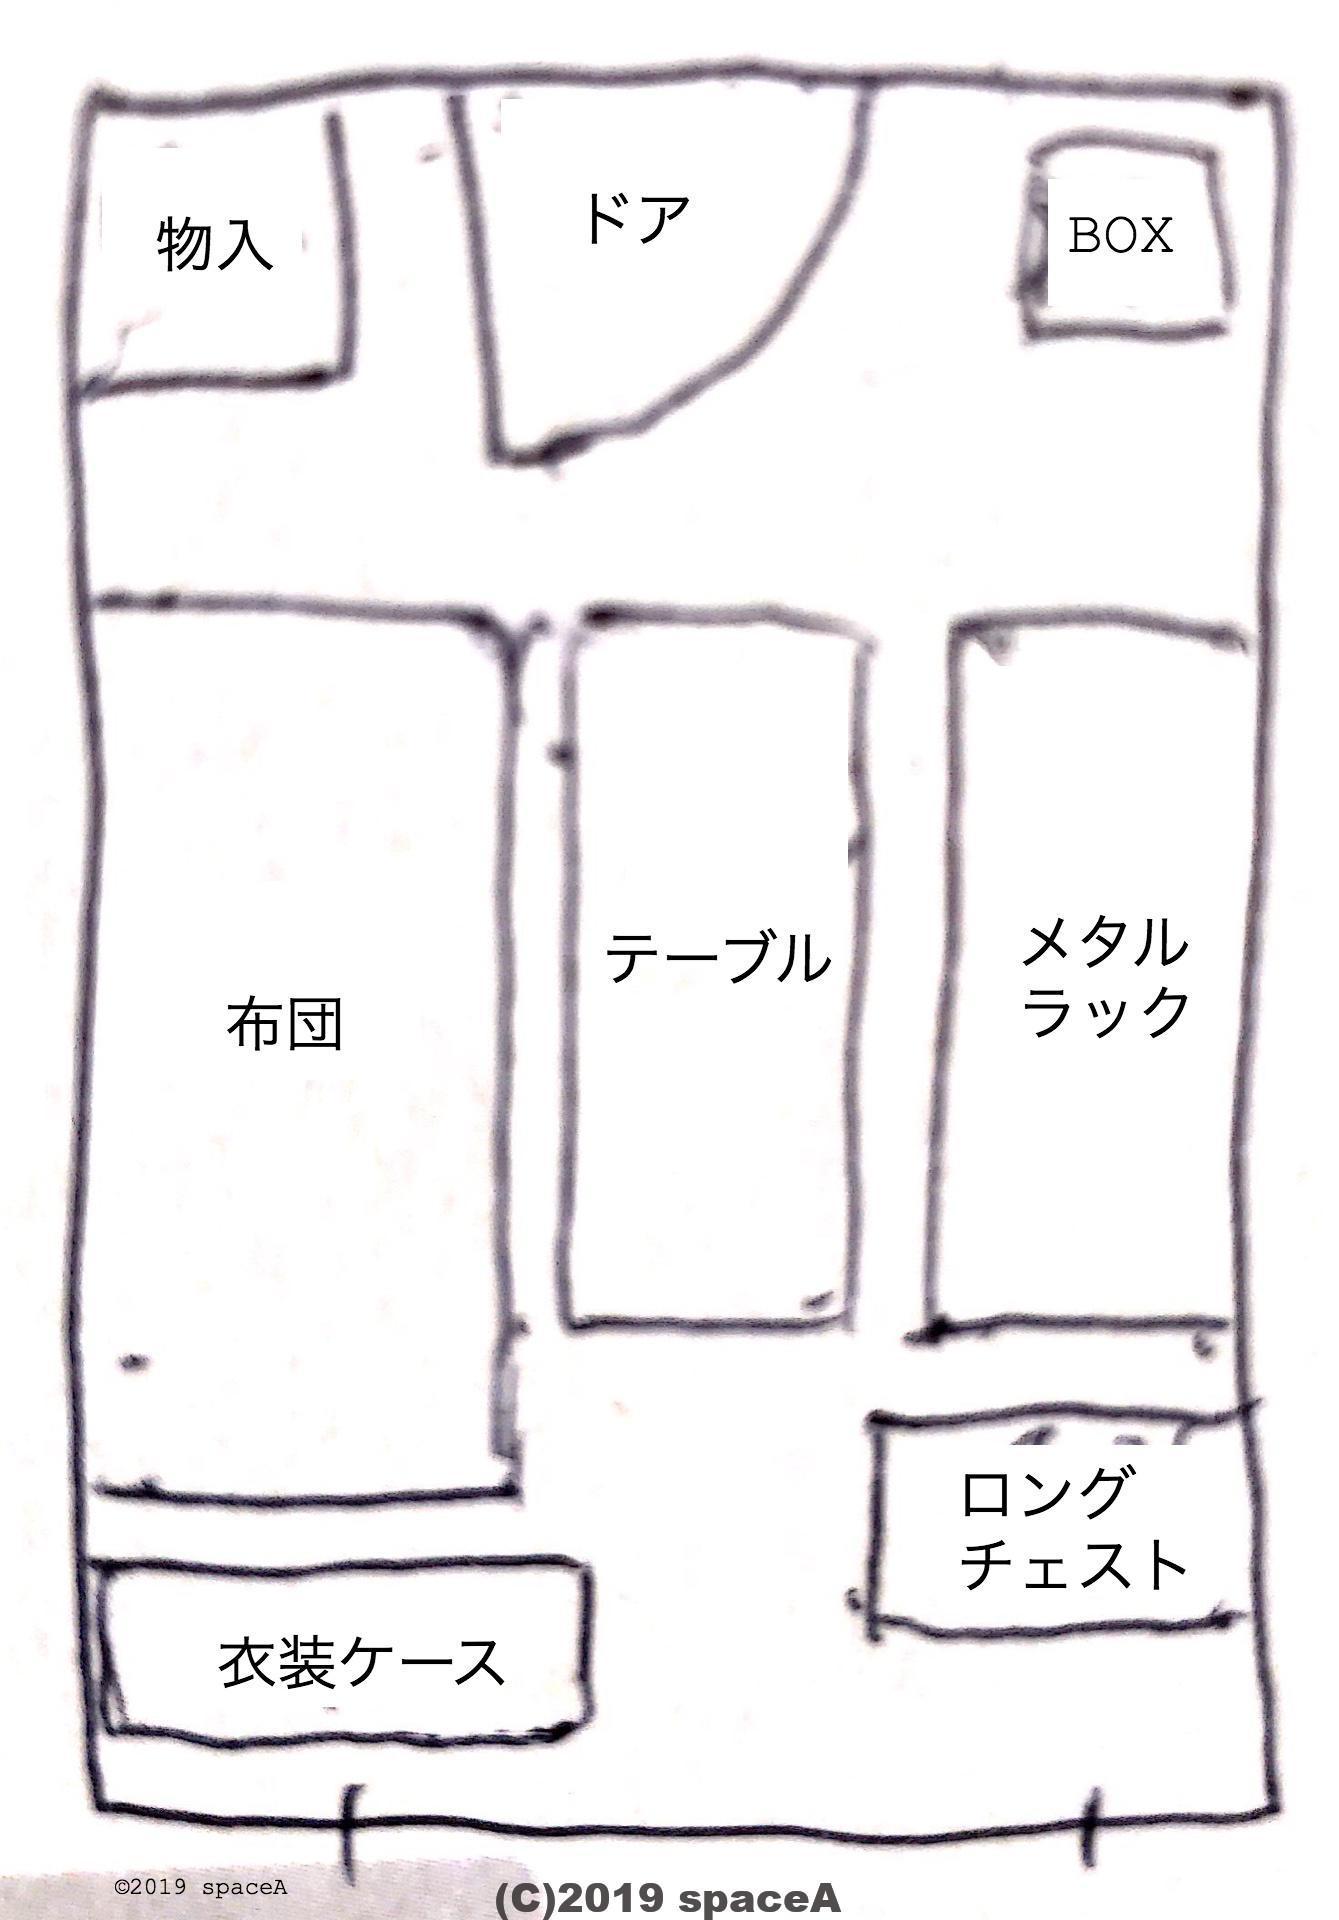 18平米の部屋におけるもの